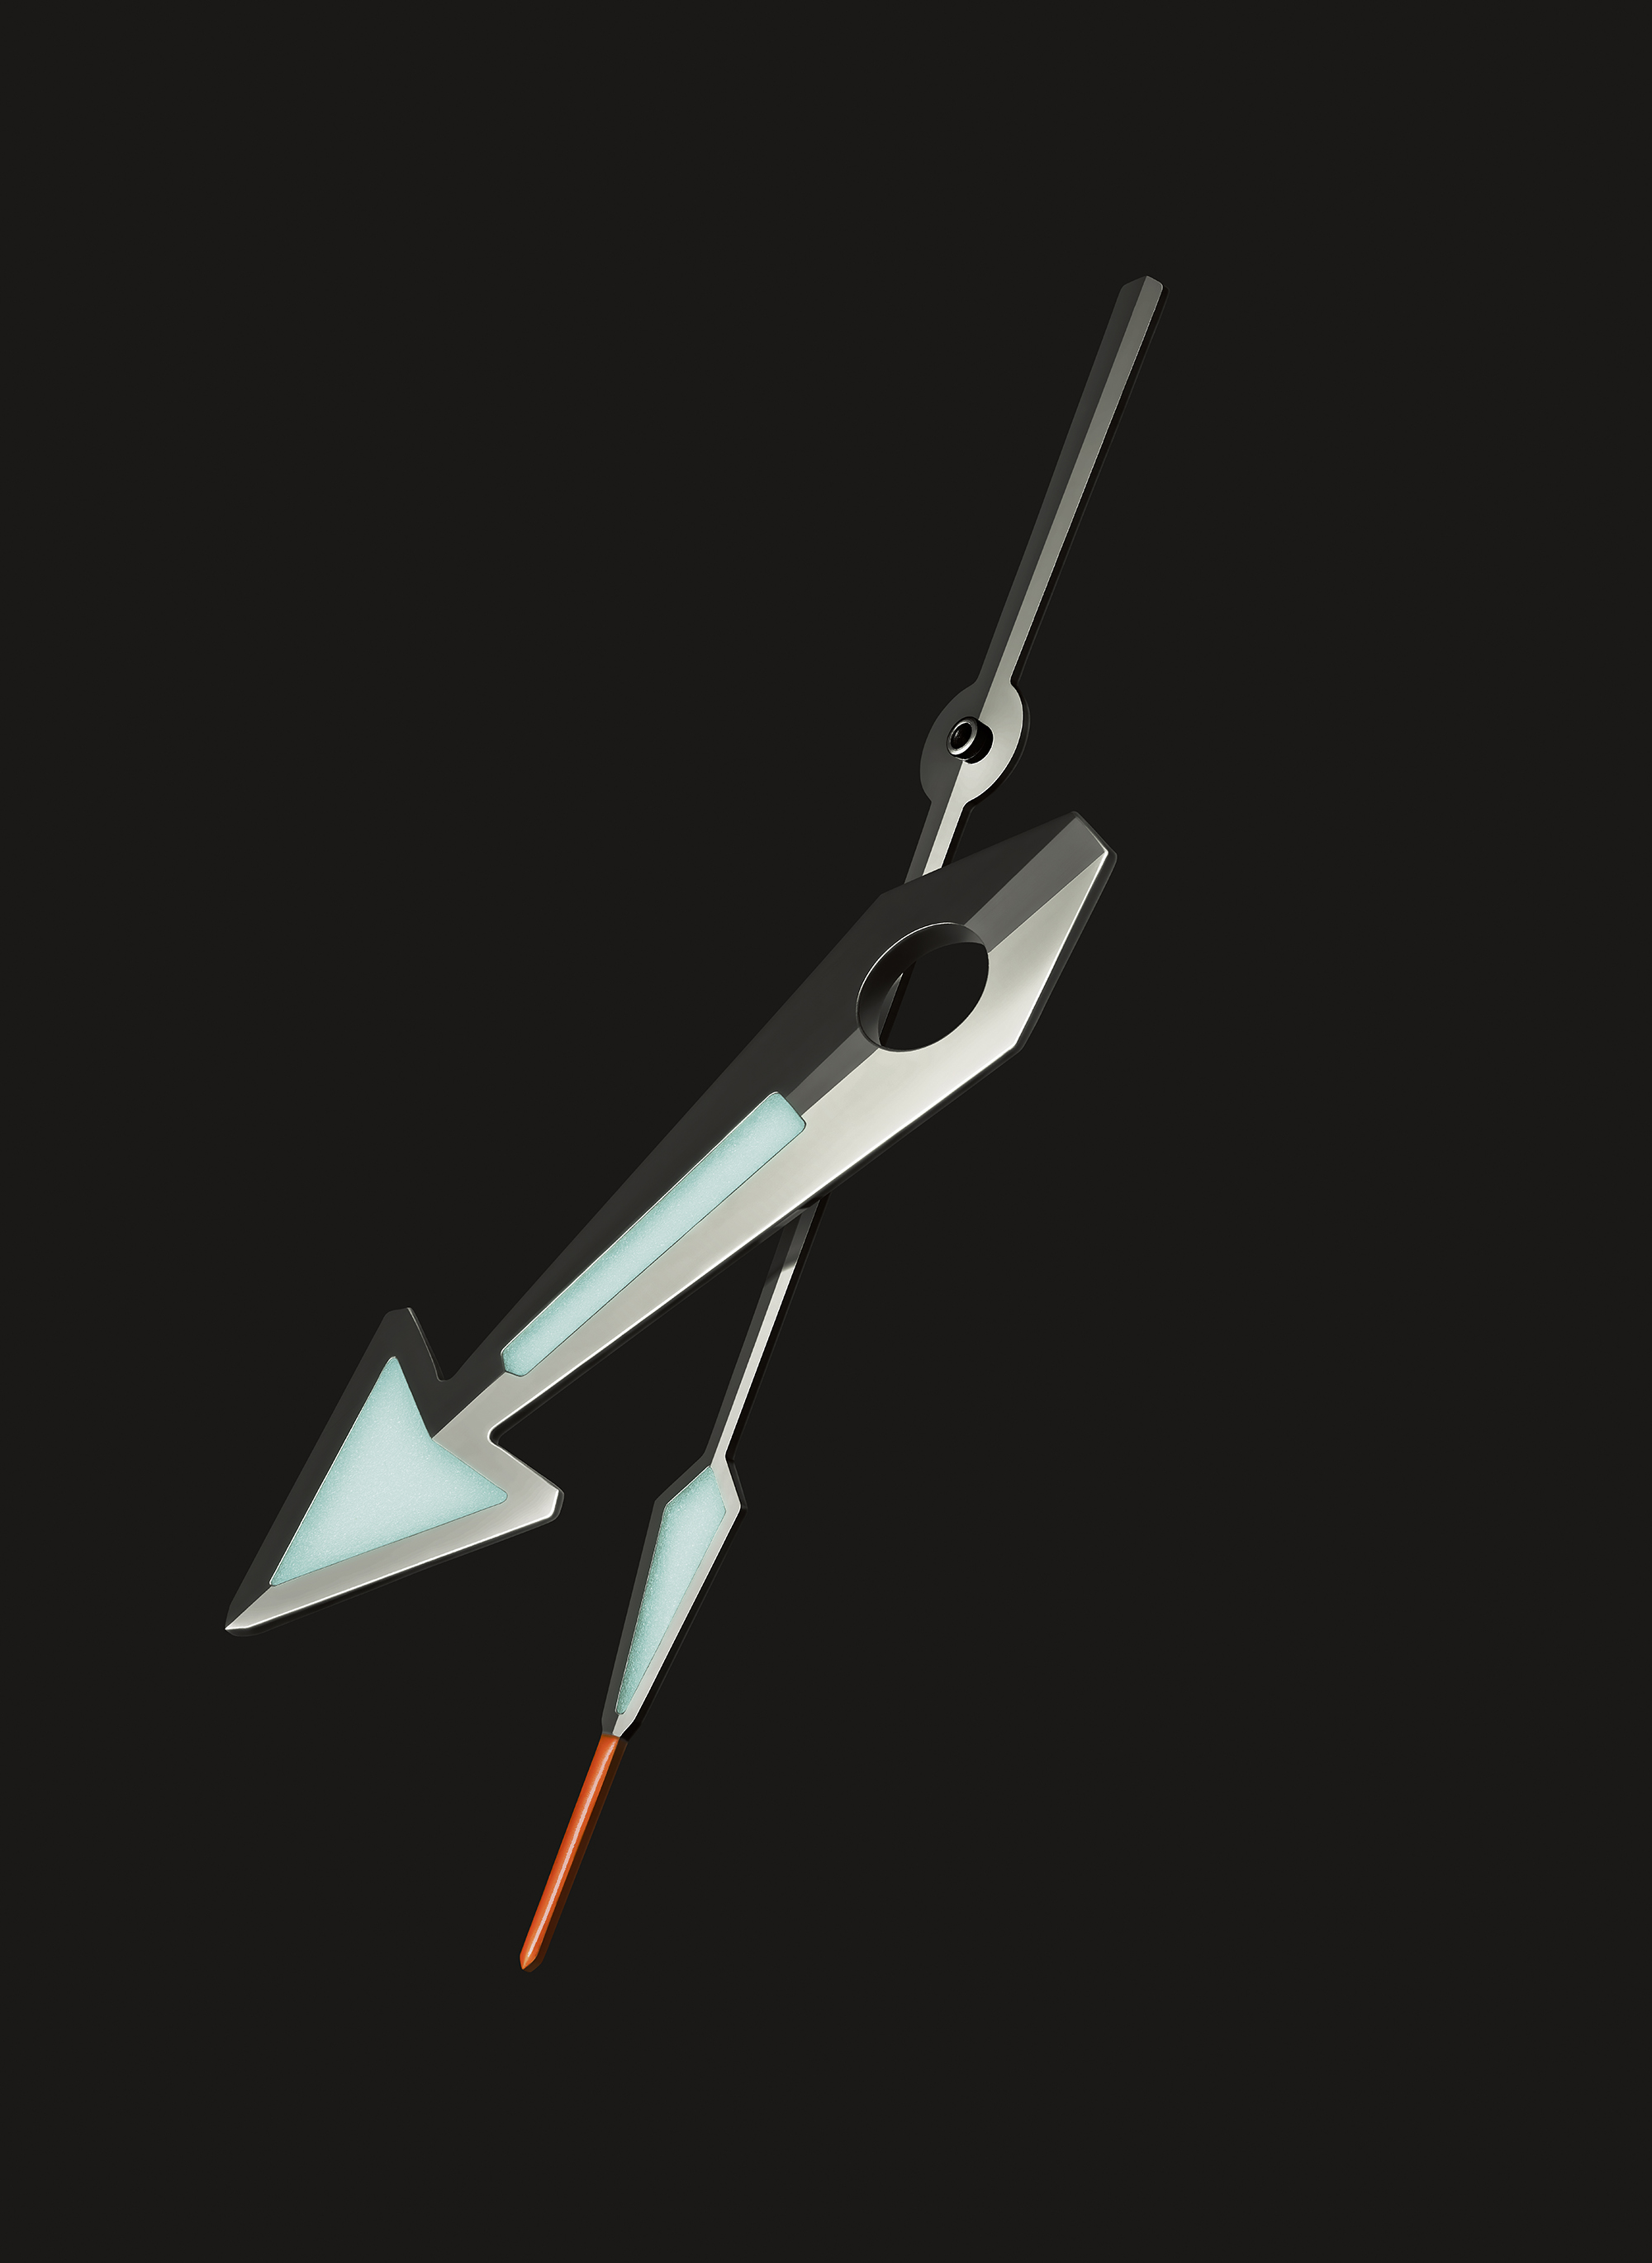 欧米茄高精工艺:雕刻时光的艺术